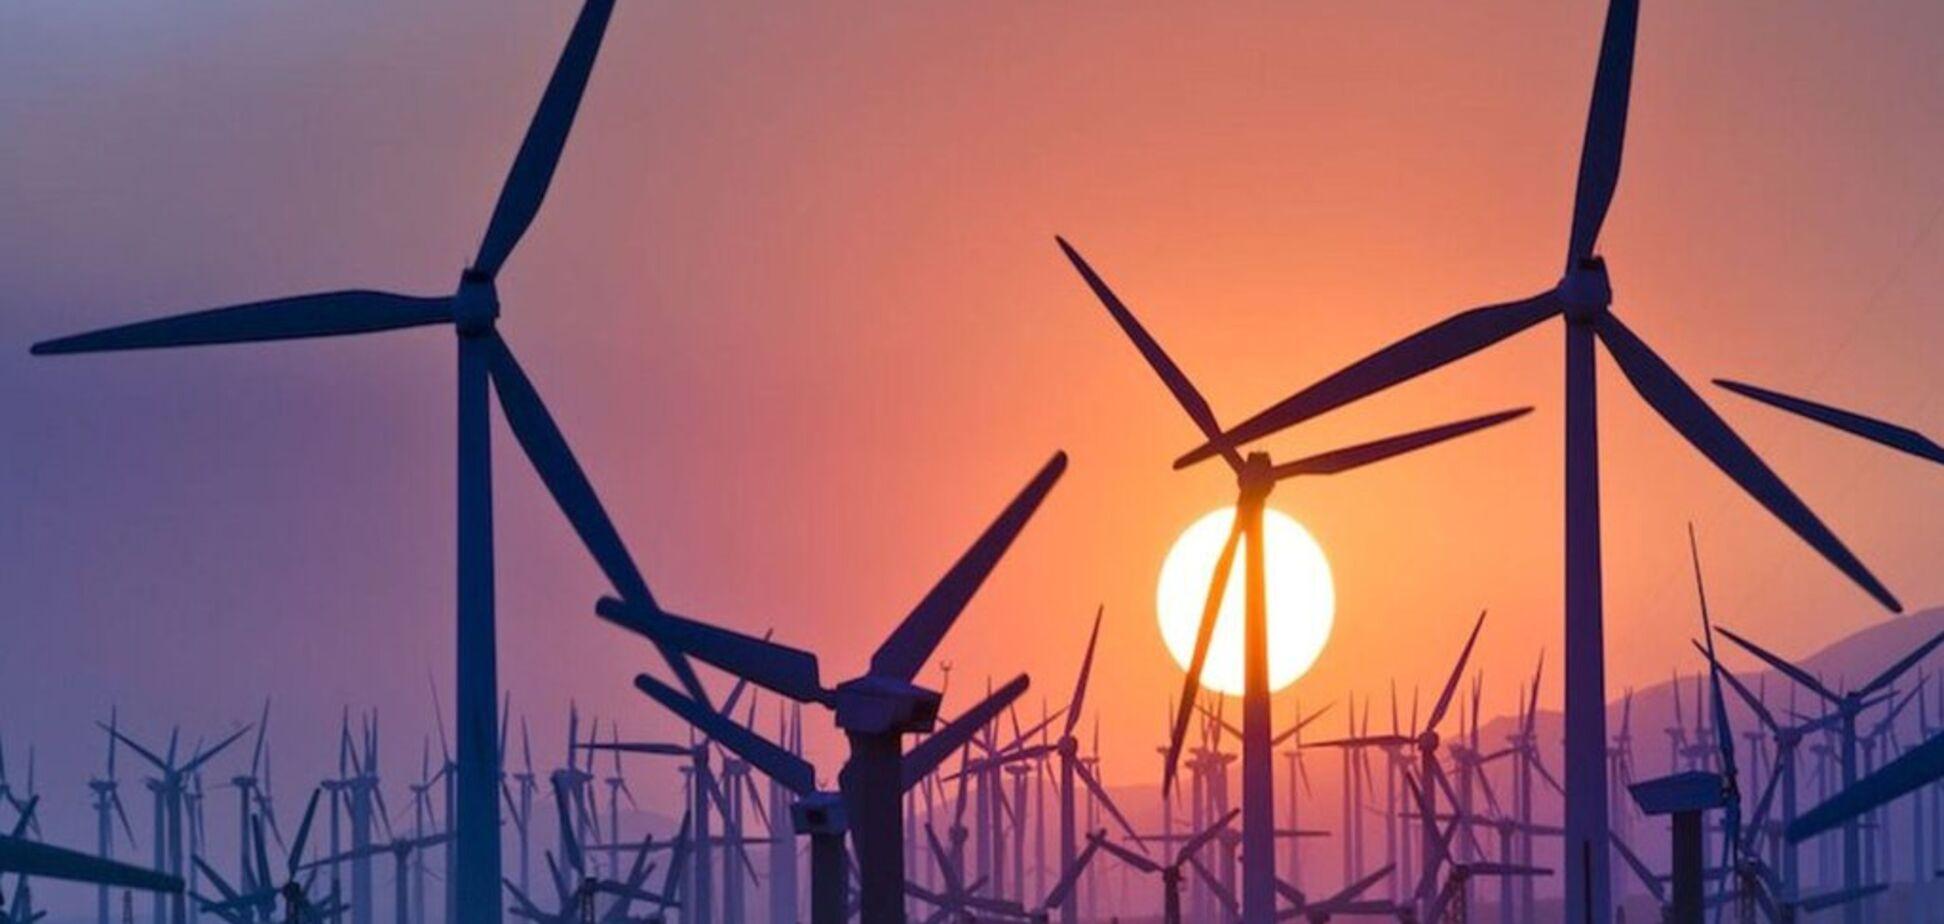 У Європі з'явиться гігантське джерело 'зеленої' енергії: опубліковано прогноз